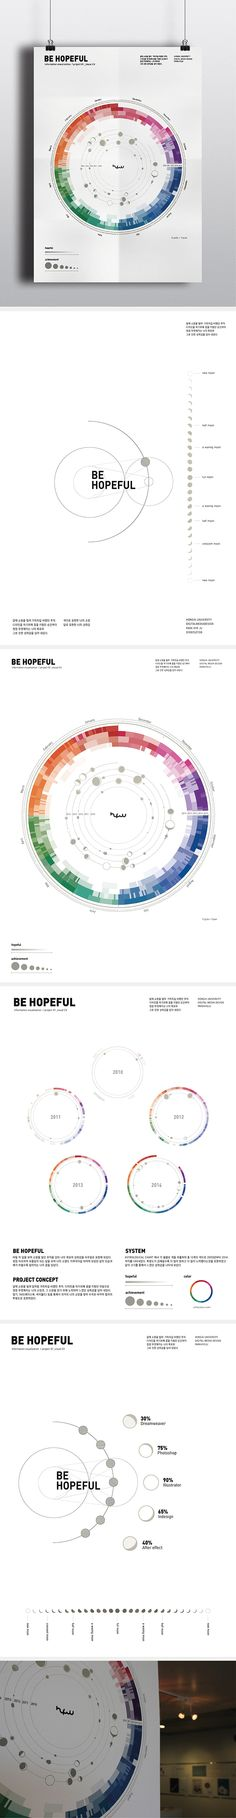 박혜주 │ Information Visualization 2014│ Dept. of Digital Media Design │#hicoda │hicoda.hongik.ac.kr